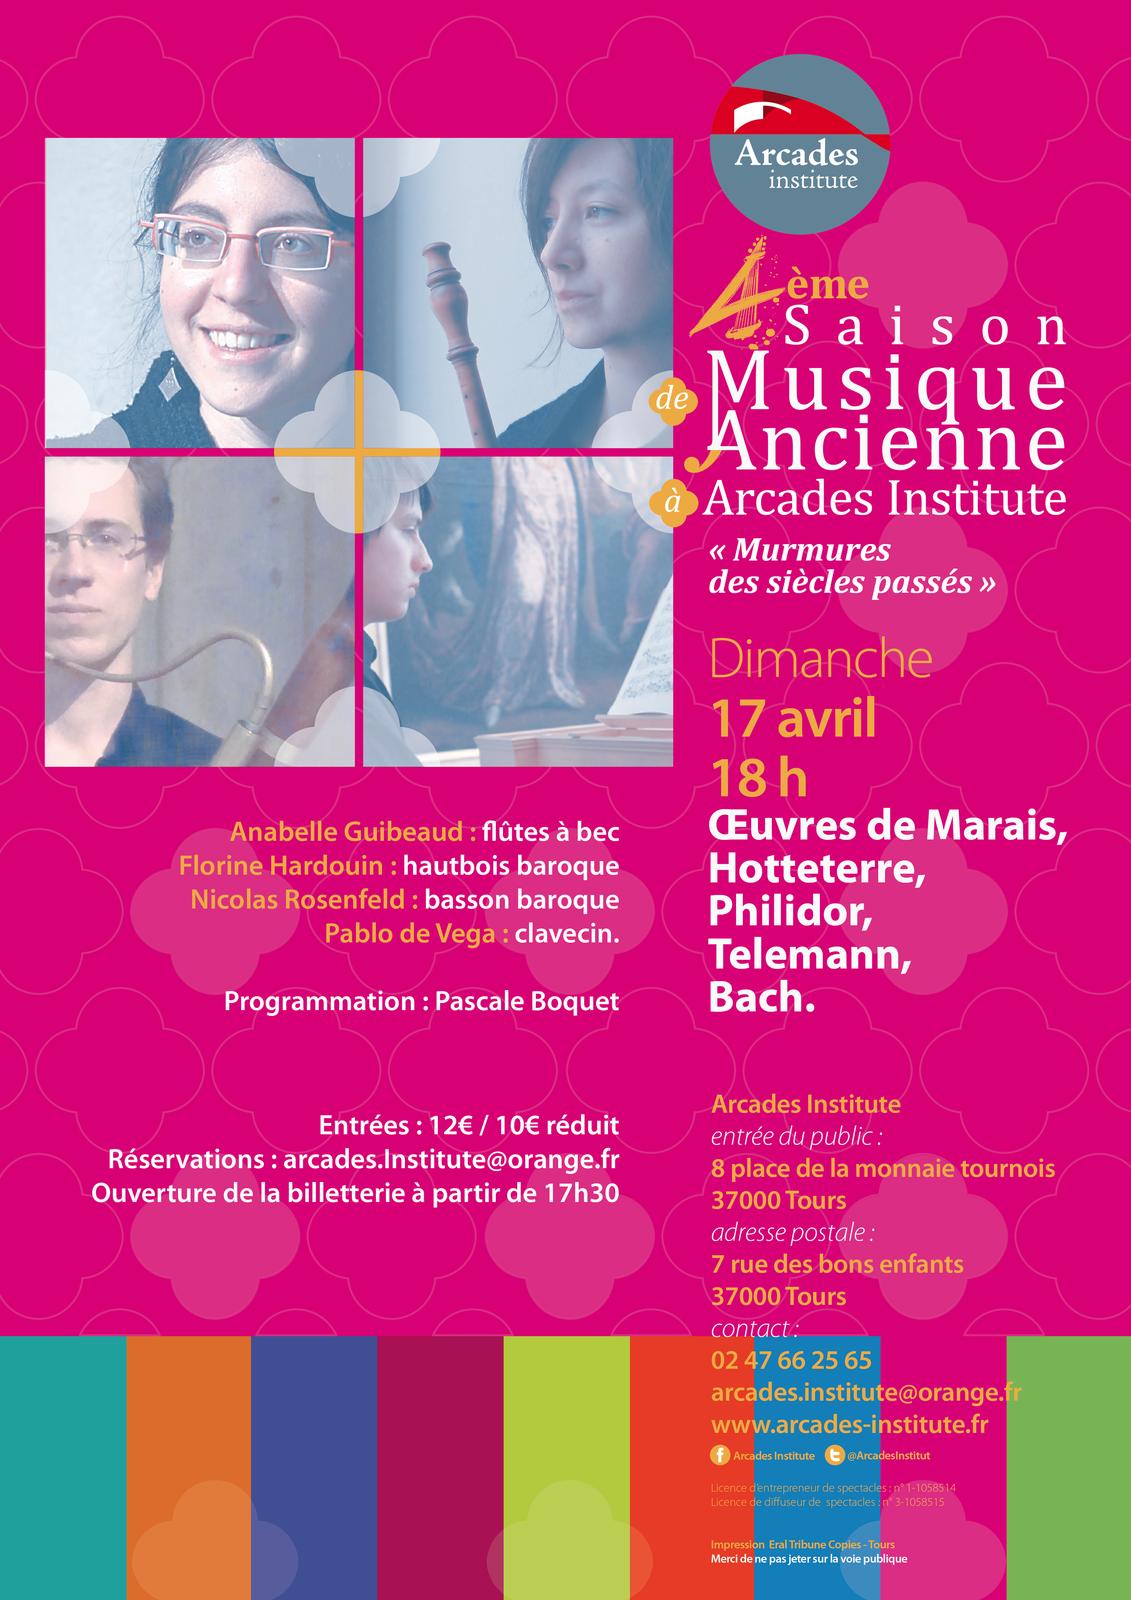 Dimanche 17 avril à 18h.  Œuvres de Marais, Hotteterre, Philidor, Telemann, Bach.